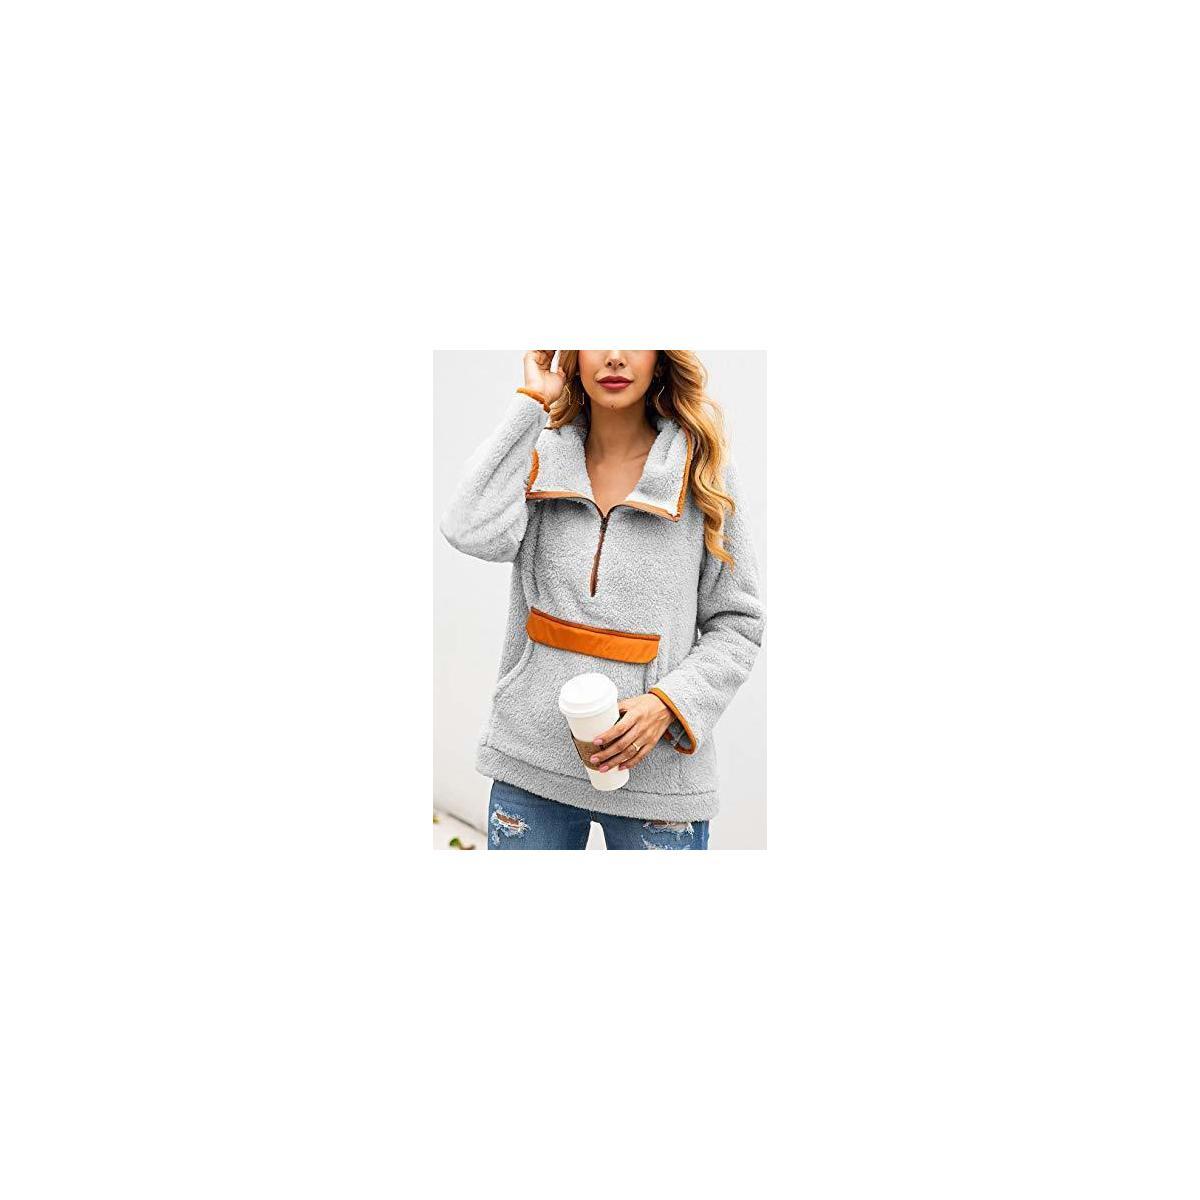 GRMO Women Soft Teddy Fleece Hooded Plush Long Sleeve Zip-up Sweatshirt Jacket Coat